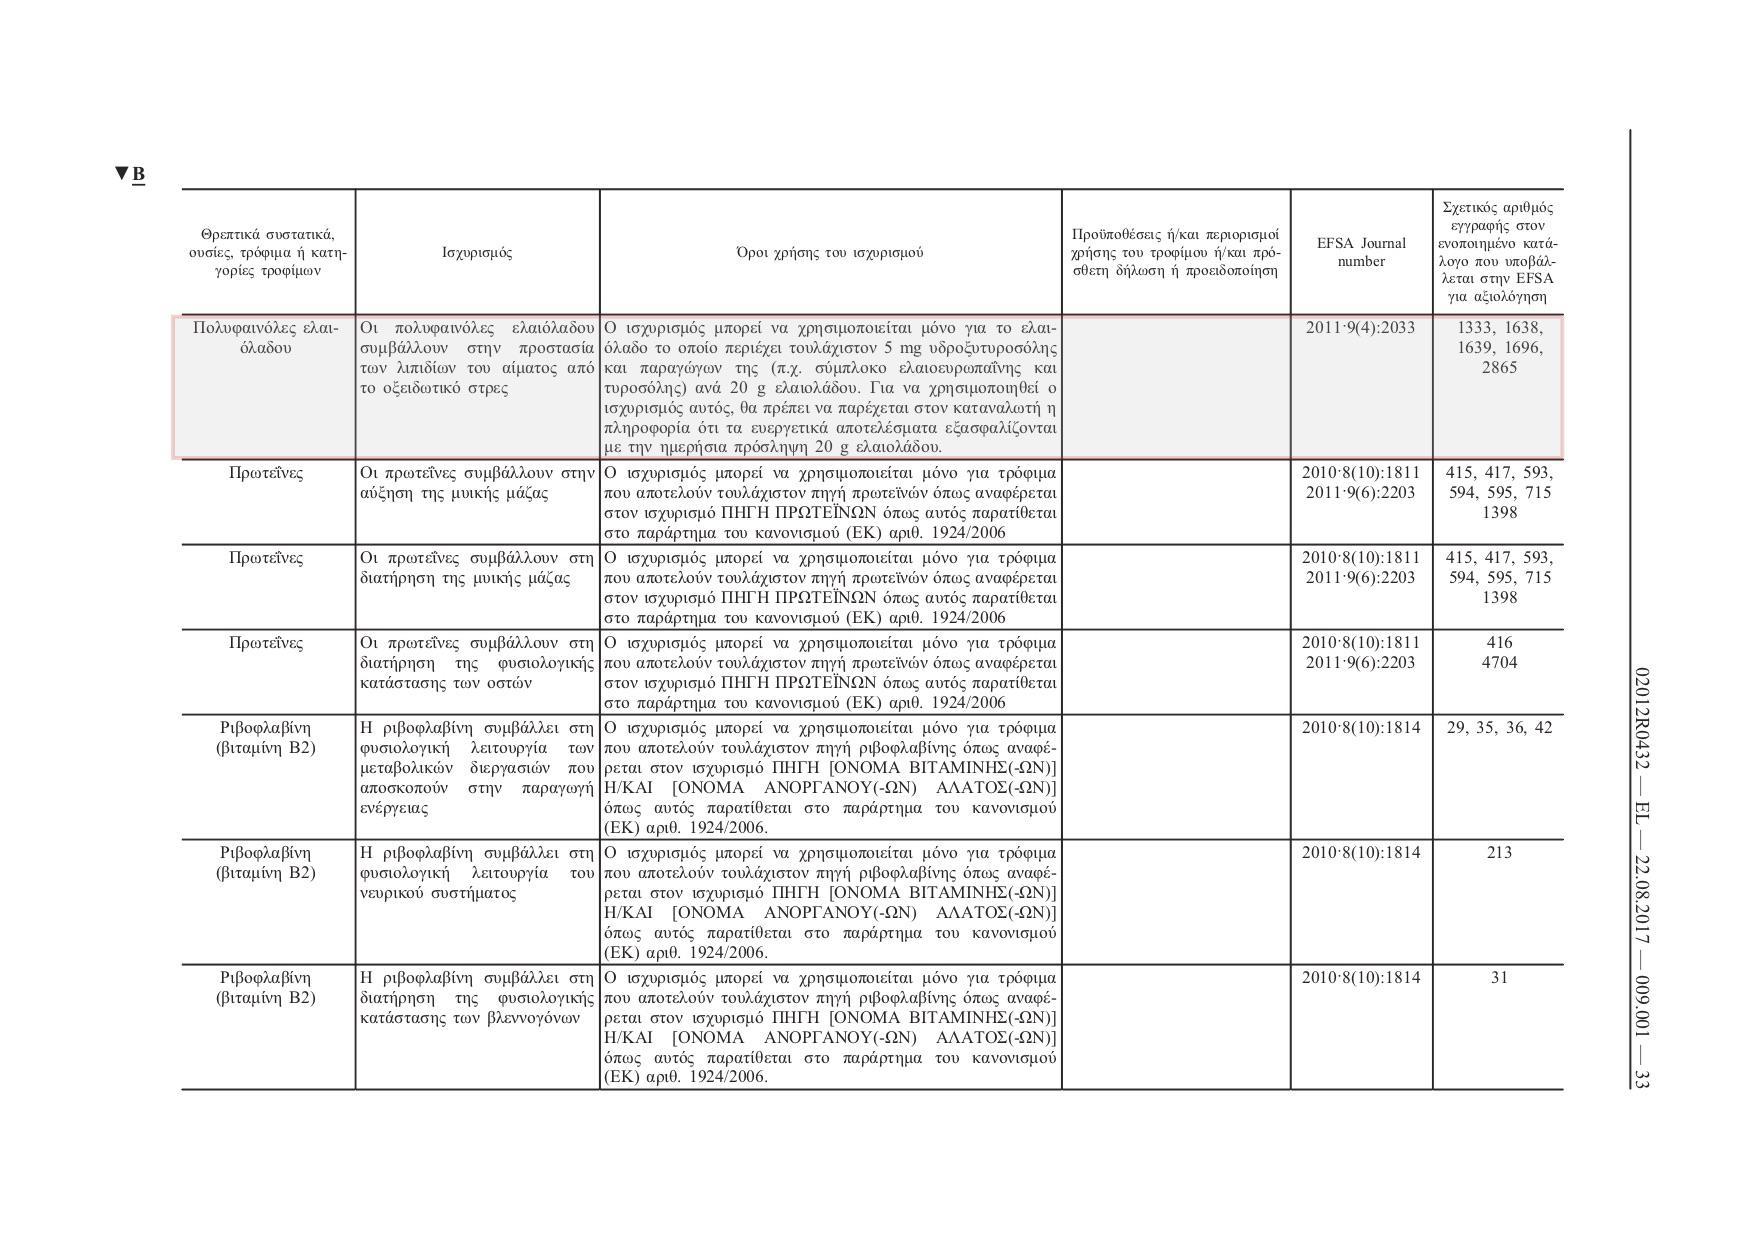 <i>Ο εγκεκριμένος ισχυρισμός υγείας για τις πολυφαινόλες ελαιολάδου [Επικαιροποιημένος (22-08-2017) Κανονισμός (ΕΕ) αριθμ. 432/2012 της Επιτροπής της 16ης Μαΐου 2012. σ. 33].</i>